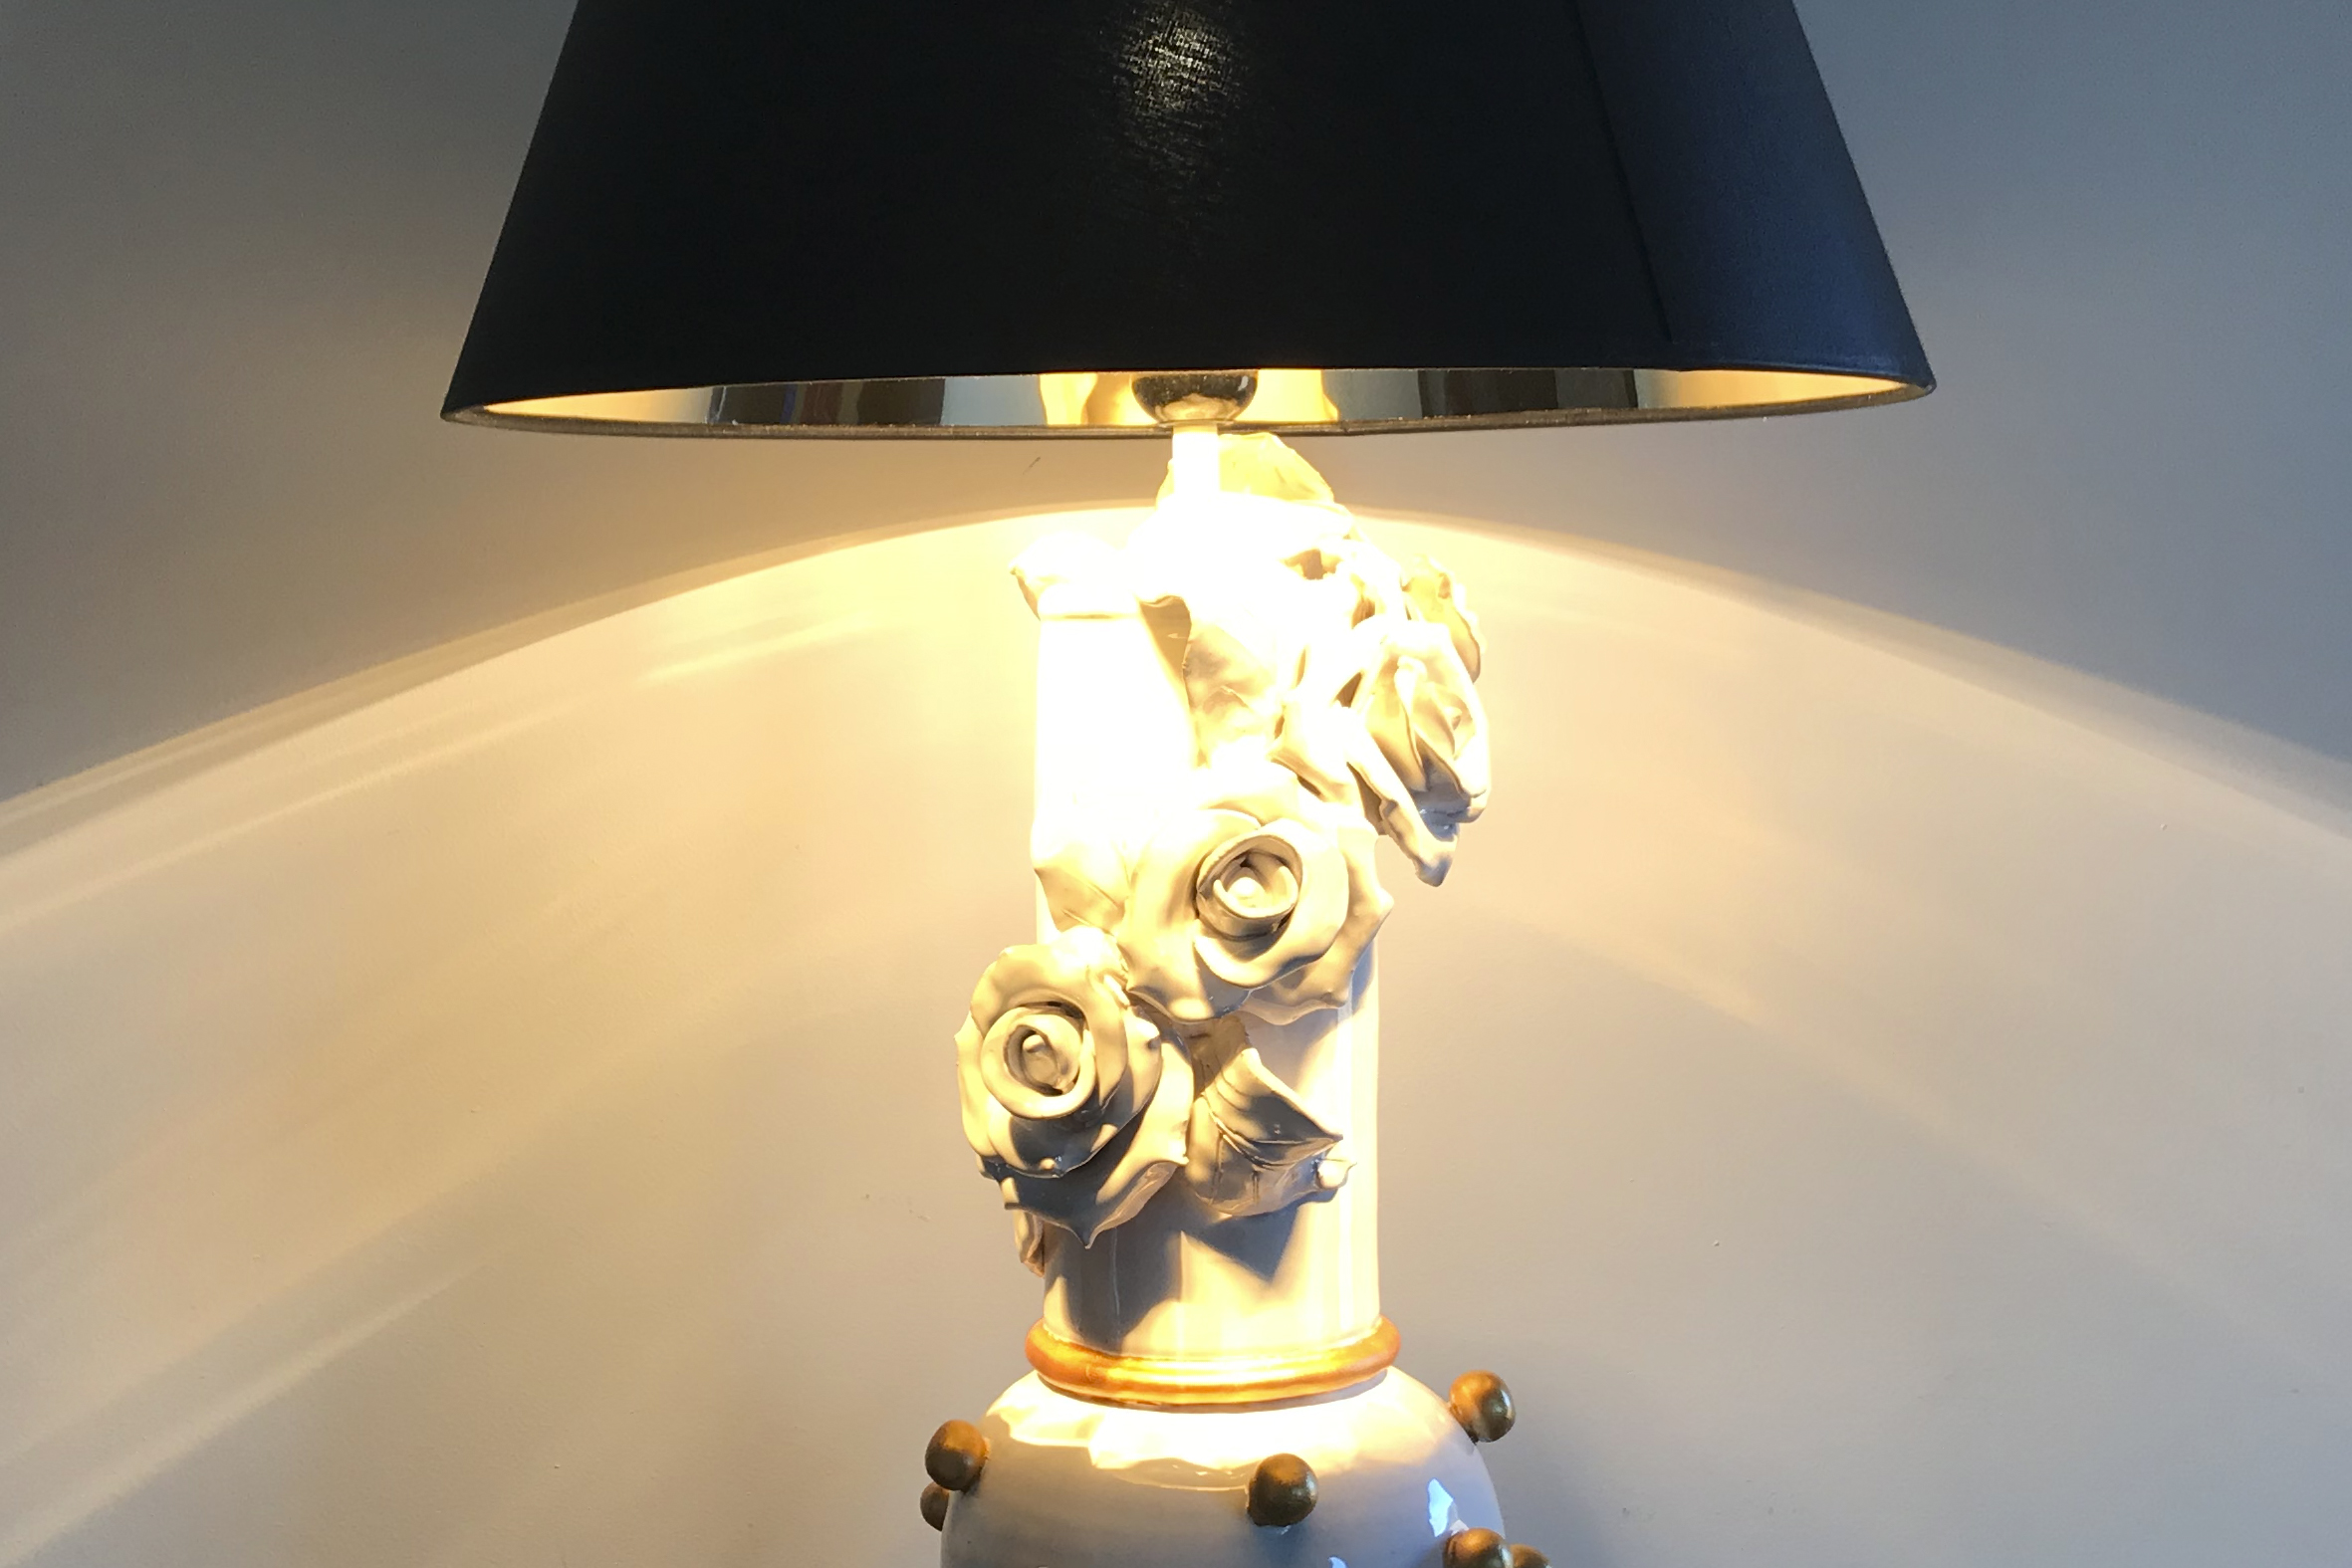 Base Lampada in ceramica bianca con decori in oro, particolare